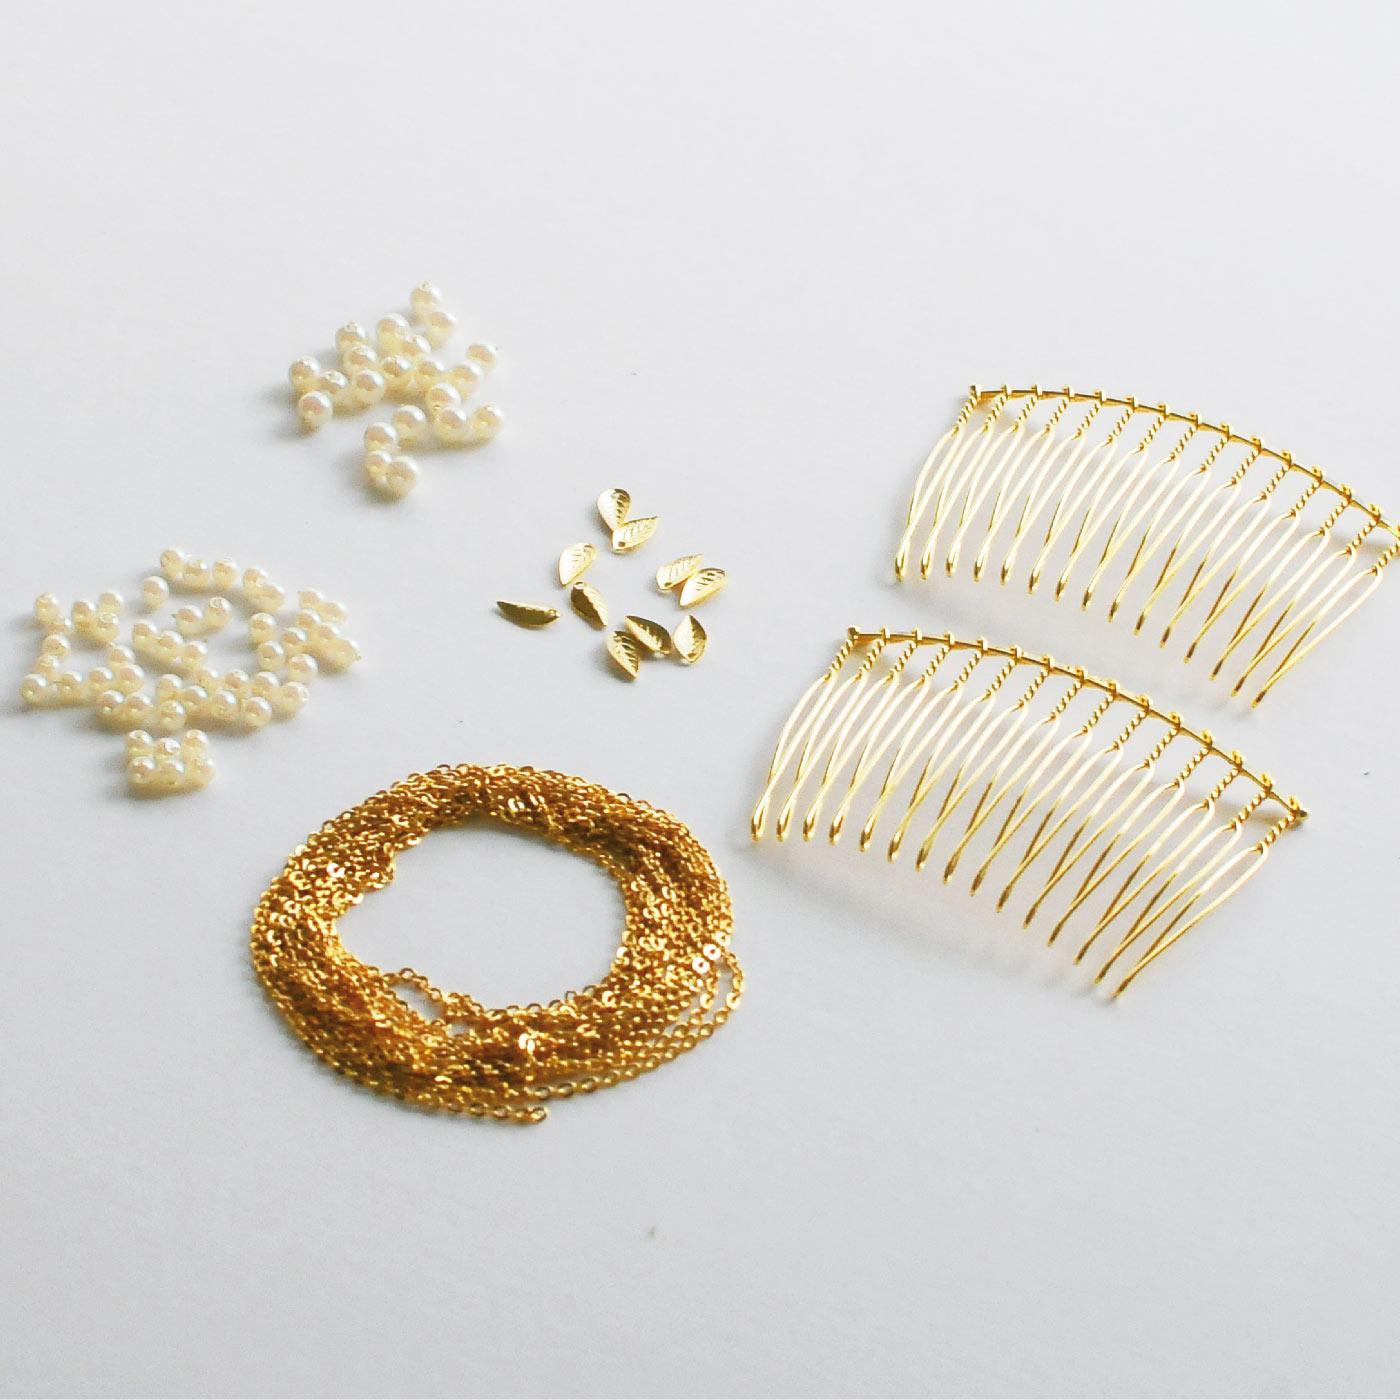 材料セット:プラスティックパール(3mm)50個、(4mm)20個、ヘアコームベース2個、葉っぱパーツ10個、チェーン(直径約1.6mm)約2m